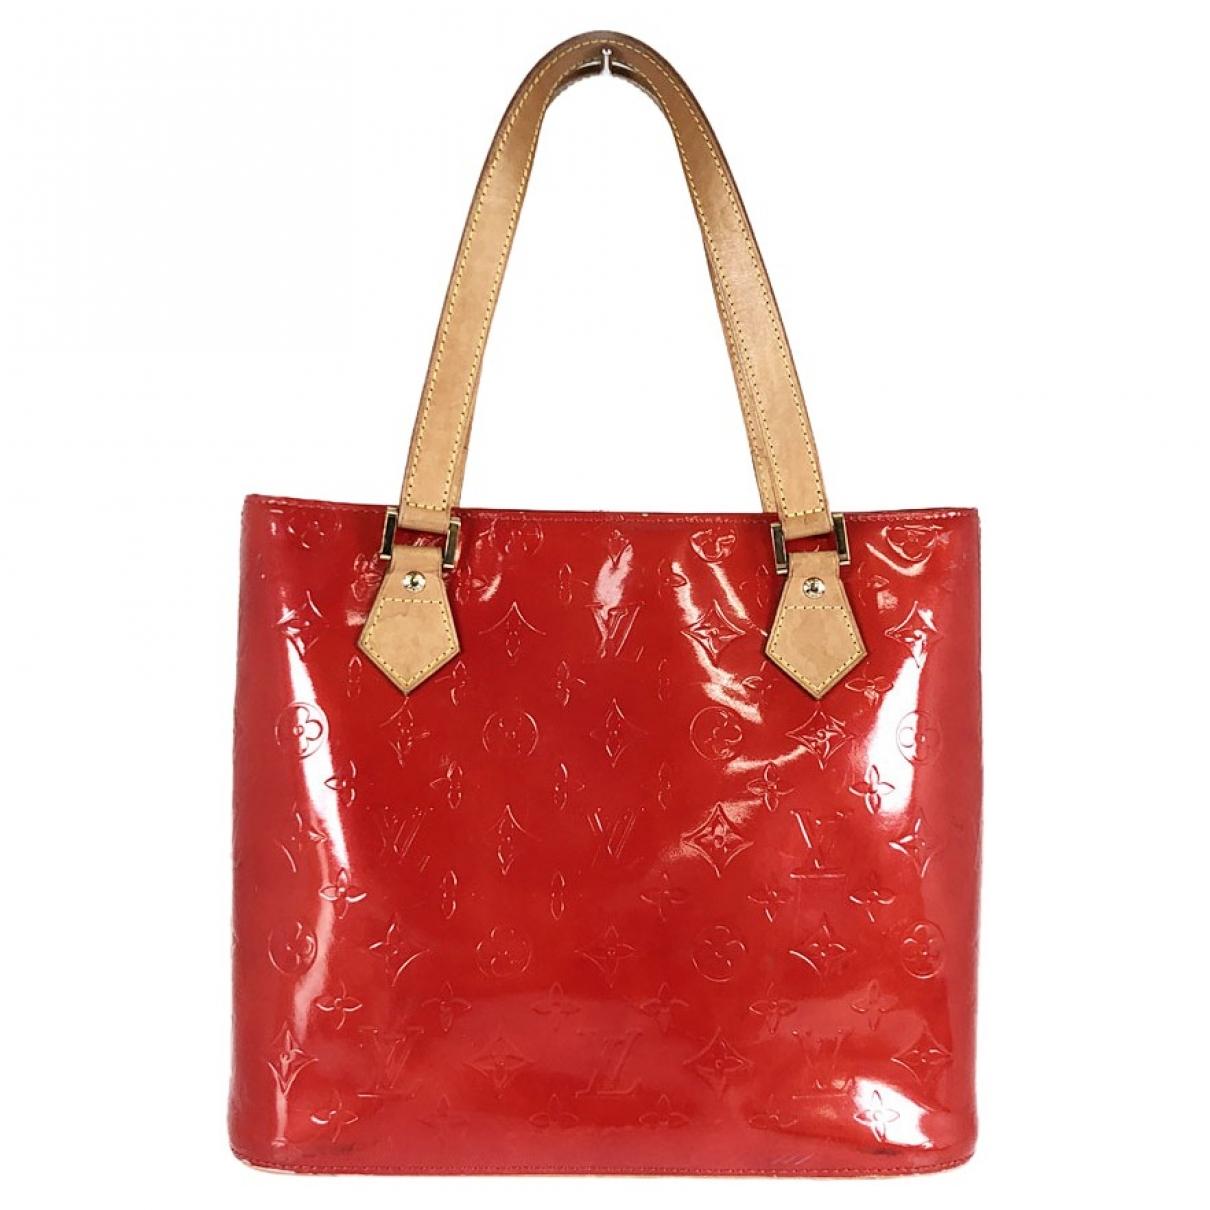 Louis Vuitton - Sac a main Houston pour femme en cuir - rouge